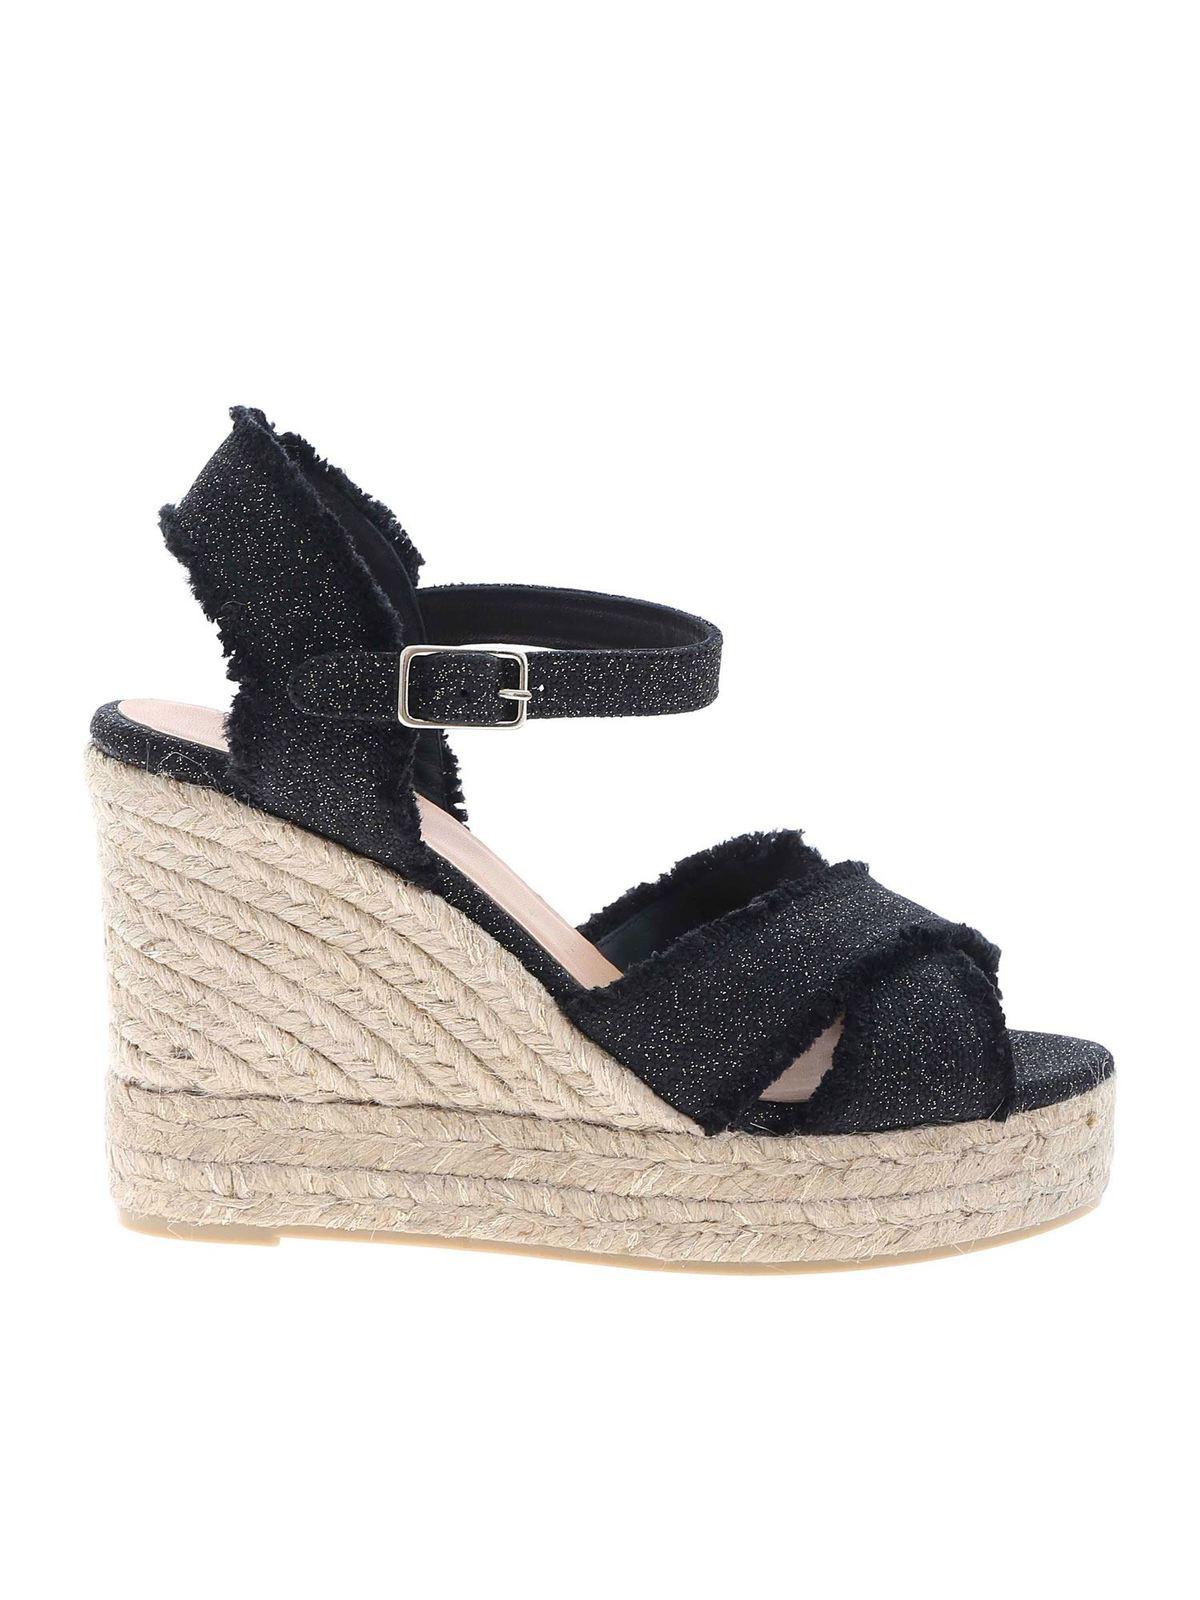 Castaã±er Sandals BROMELIA SANDALS IN BLACK